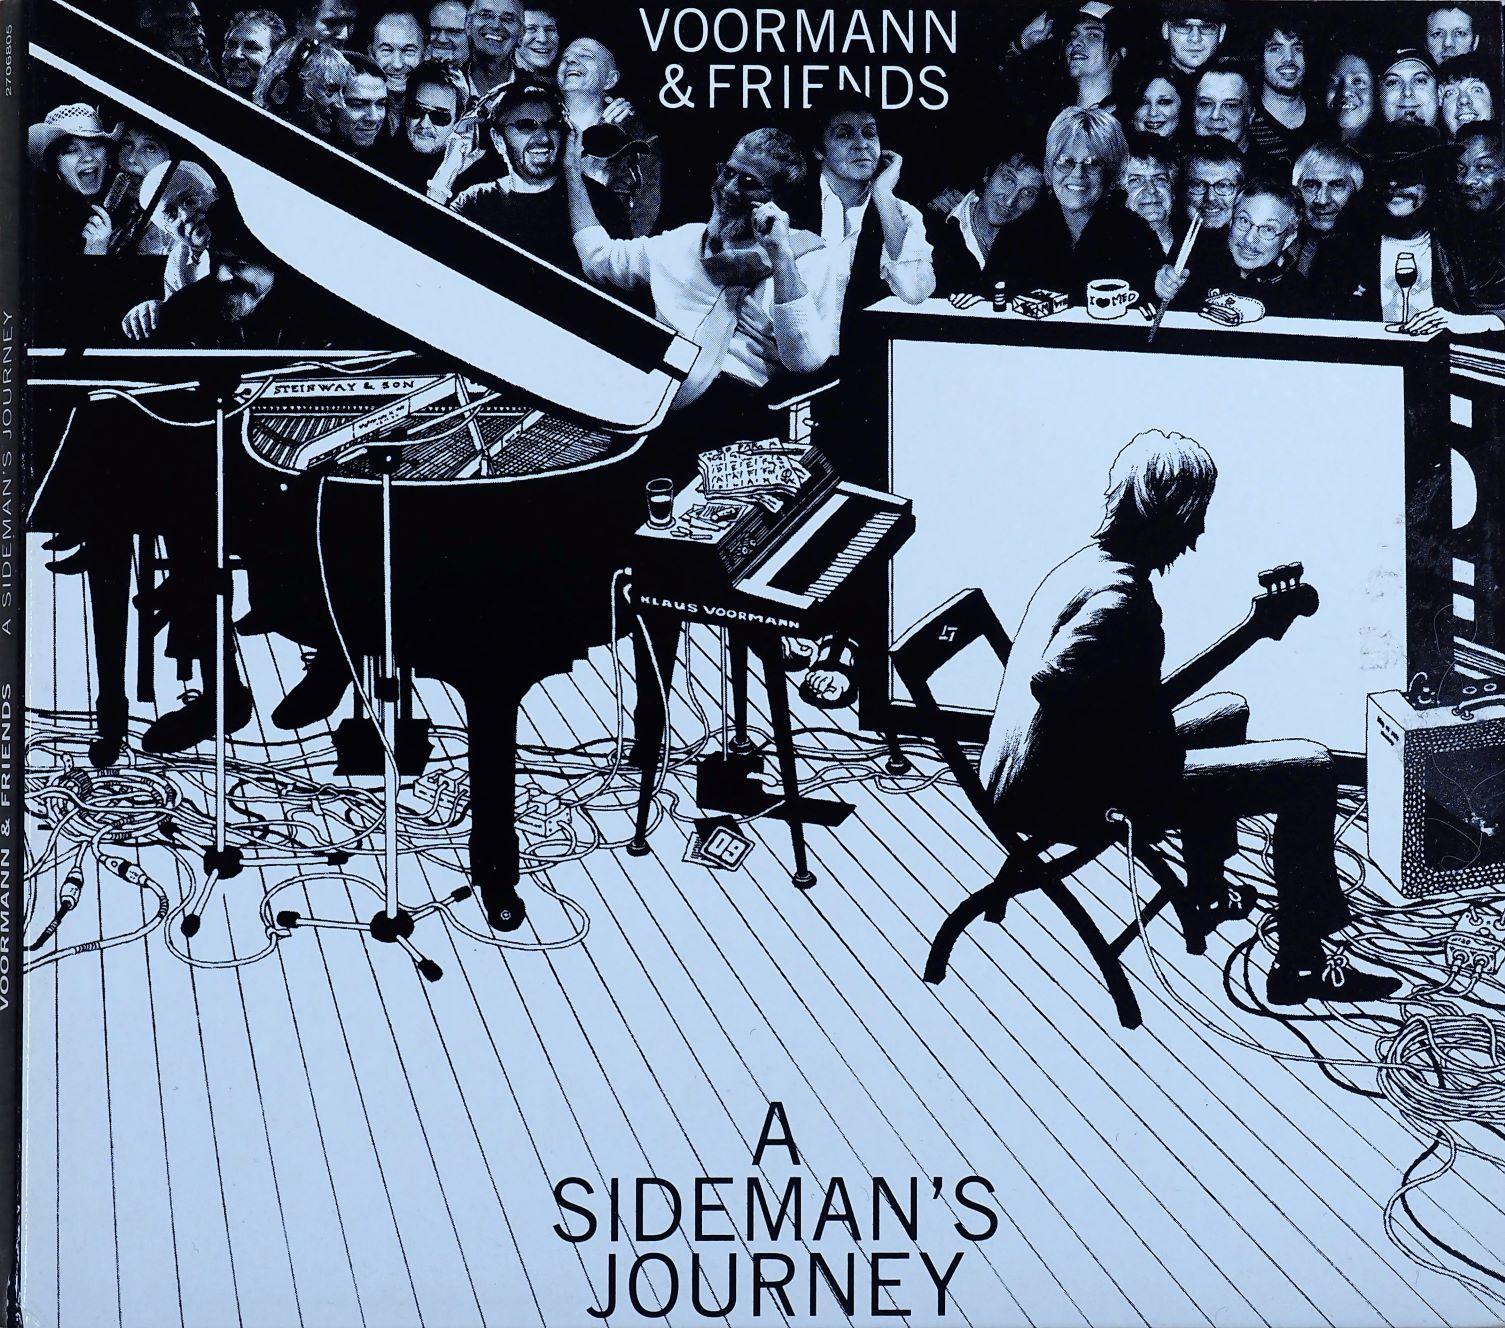 『サイドマンズ・ジャーニー/VOORMANN&FRIENDS』